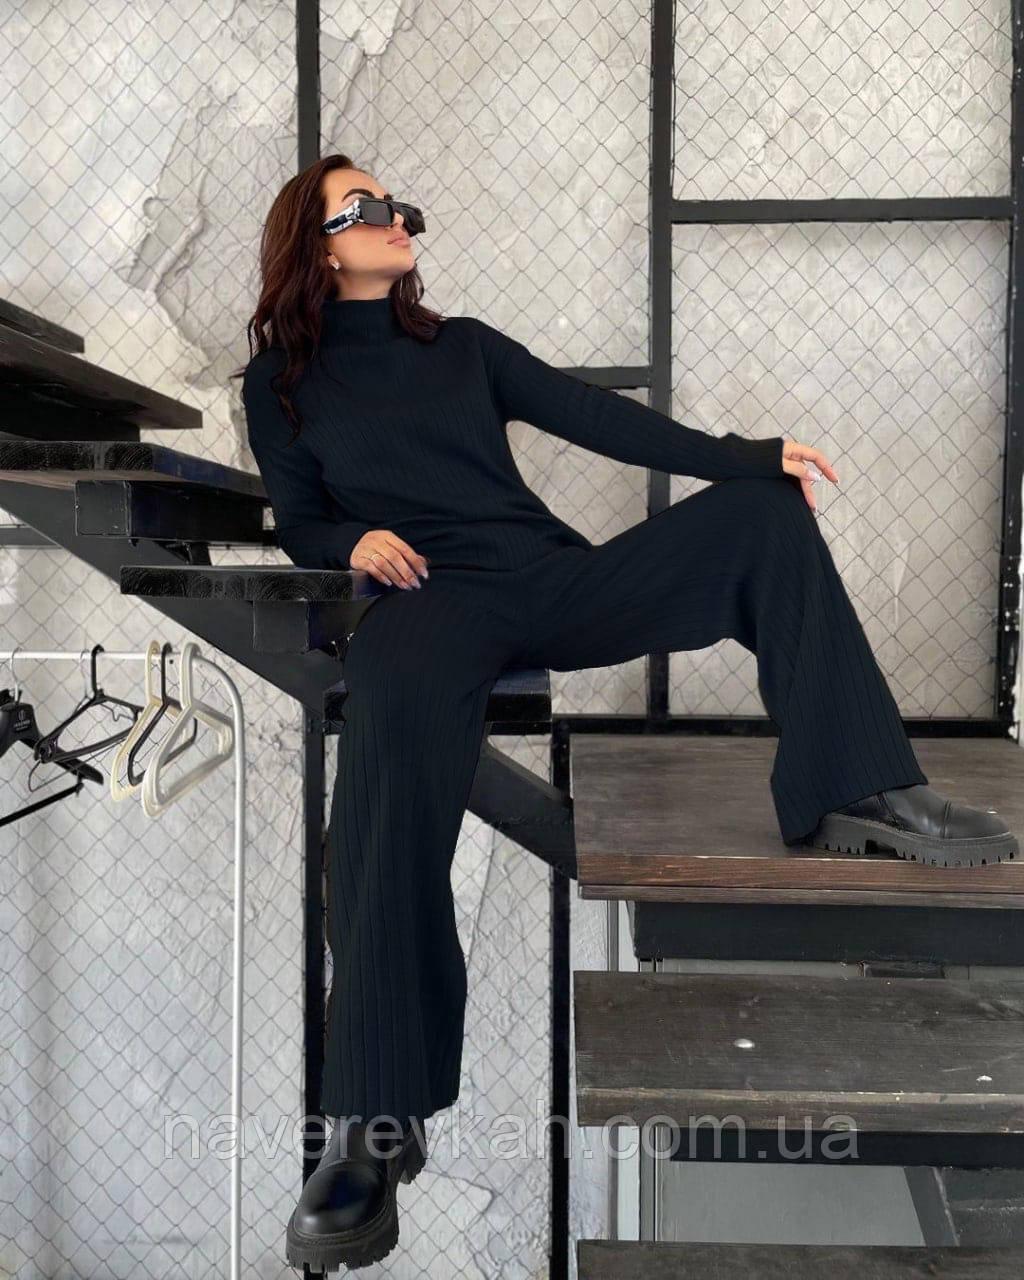 Женский ангоровый костюм с широкими брюками палаццо черный беж оликовый мокко 42-44 46-48 теплый рубчик